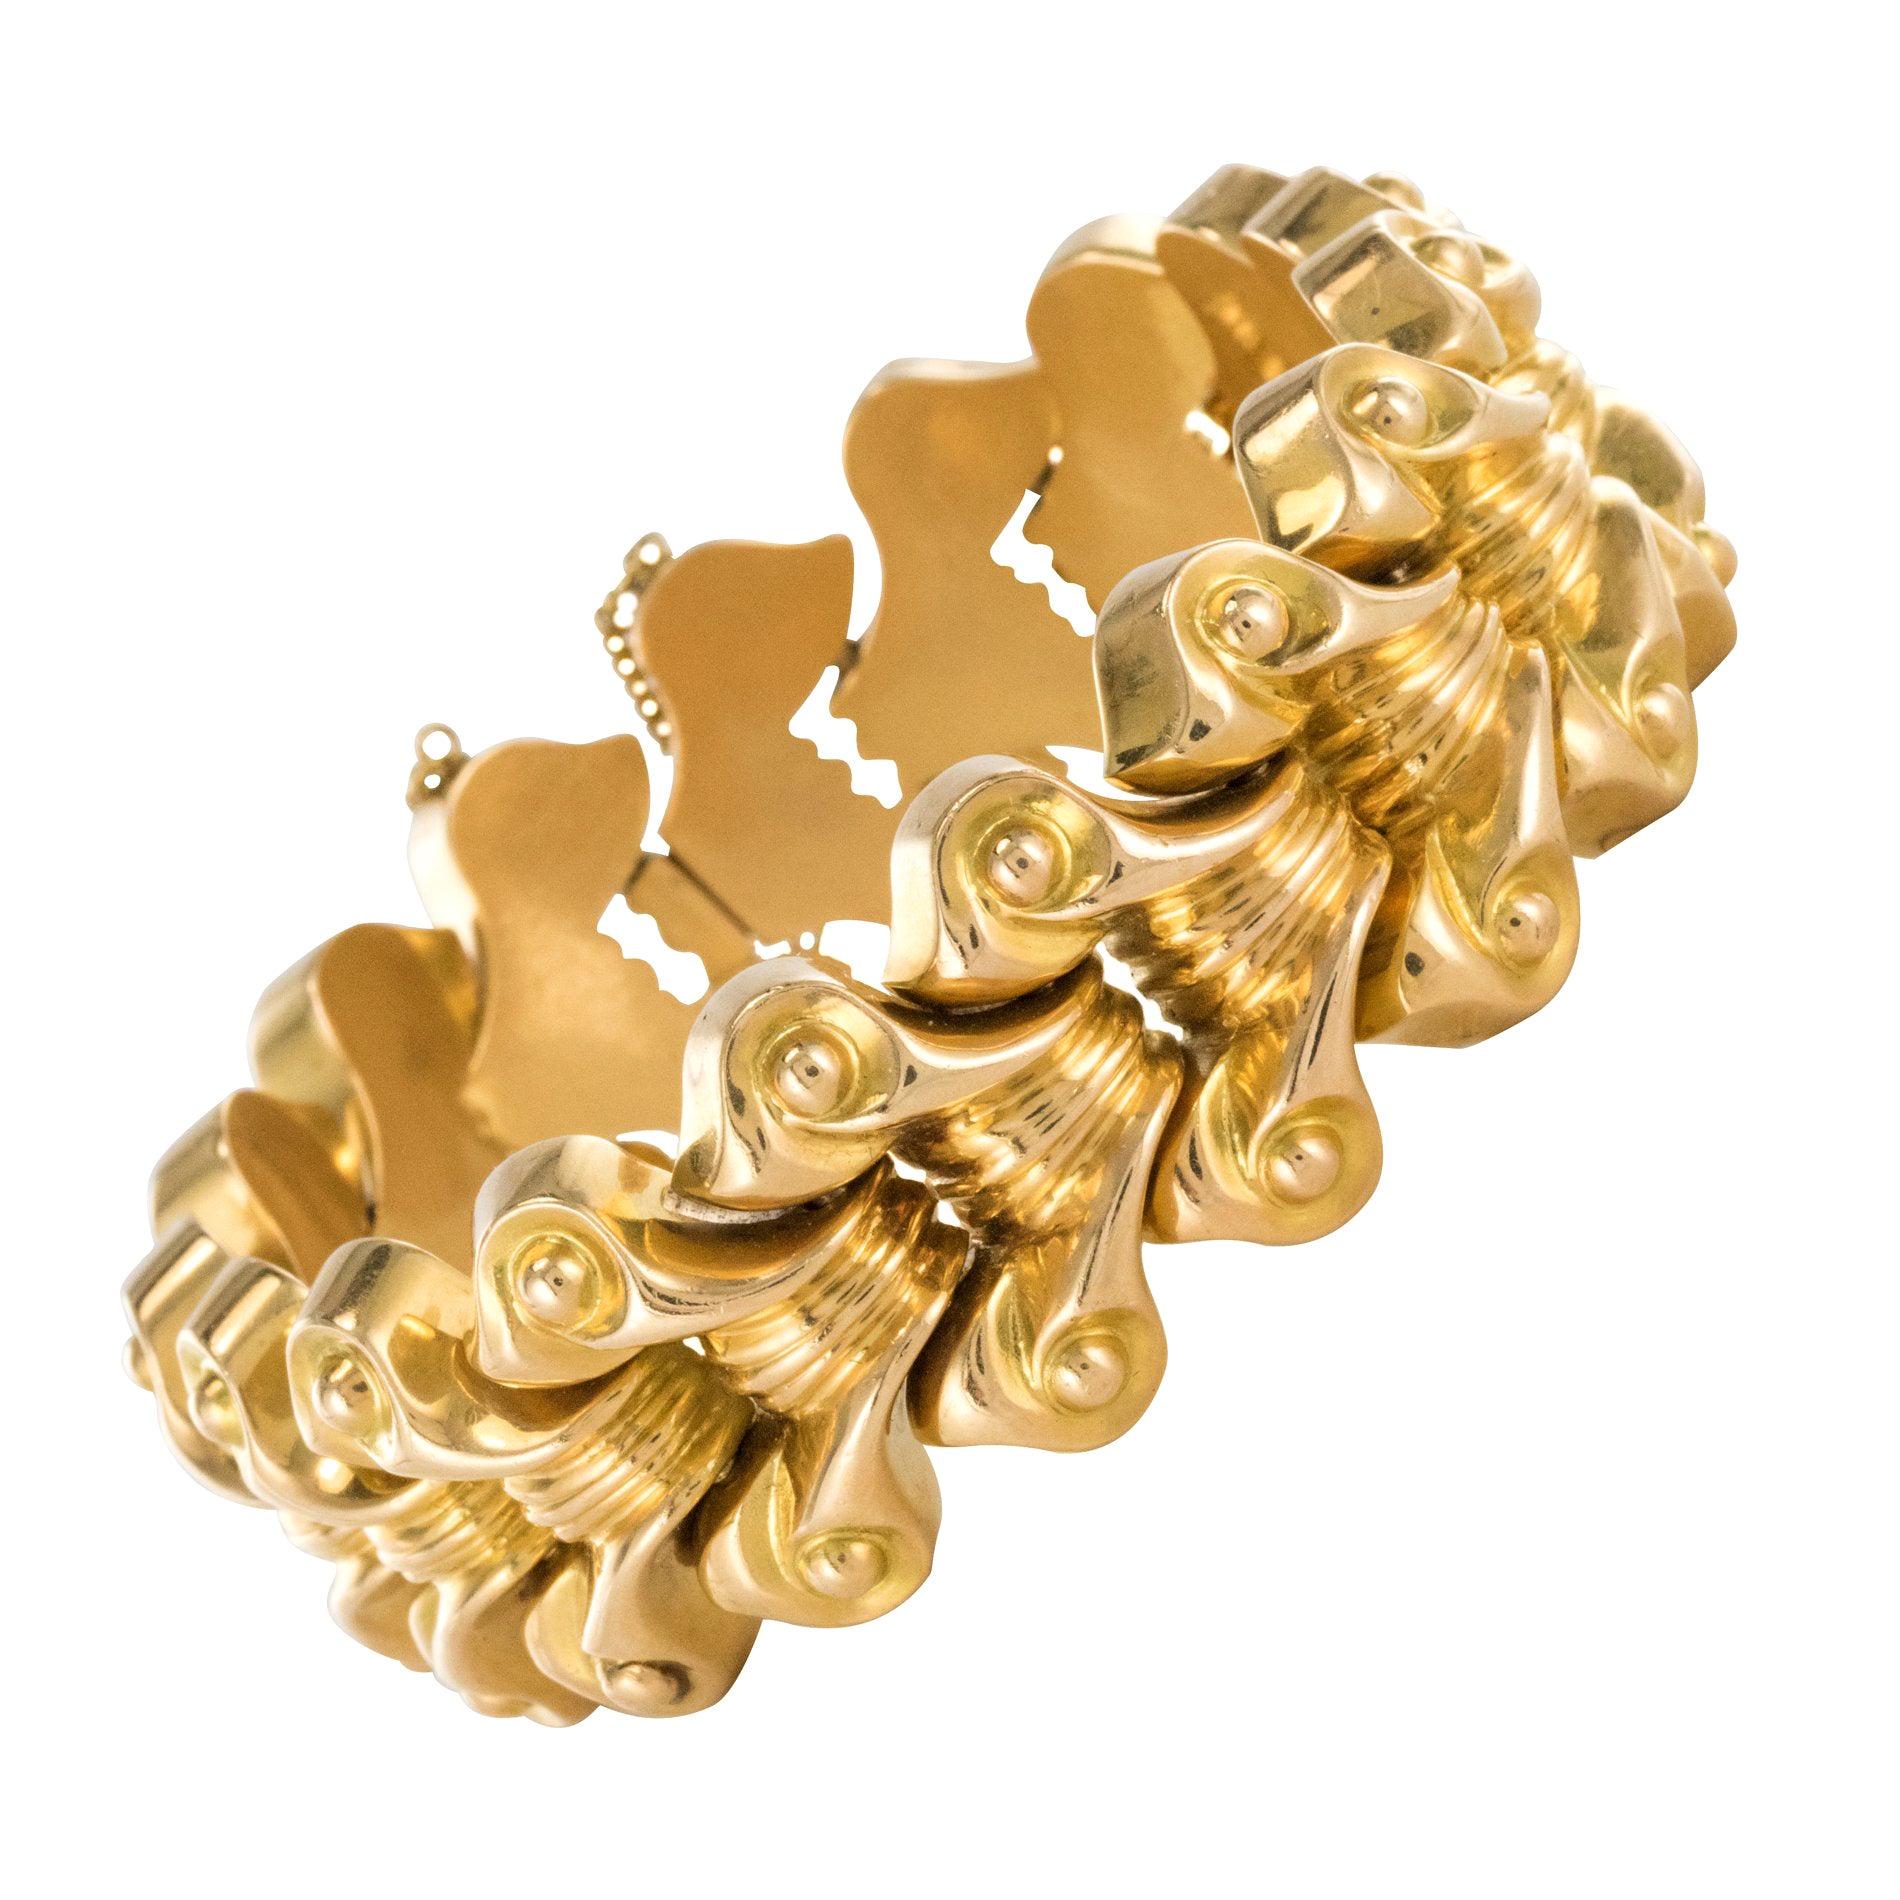 French 1940s Gold Tank Bracelet